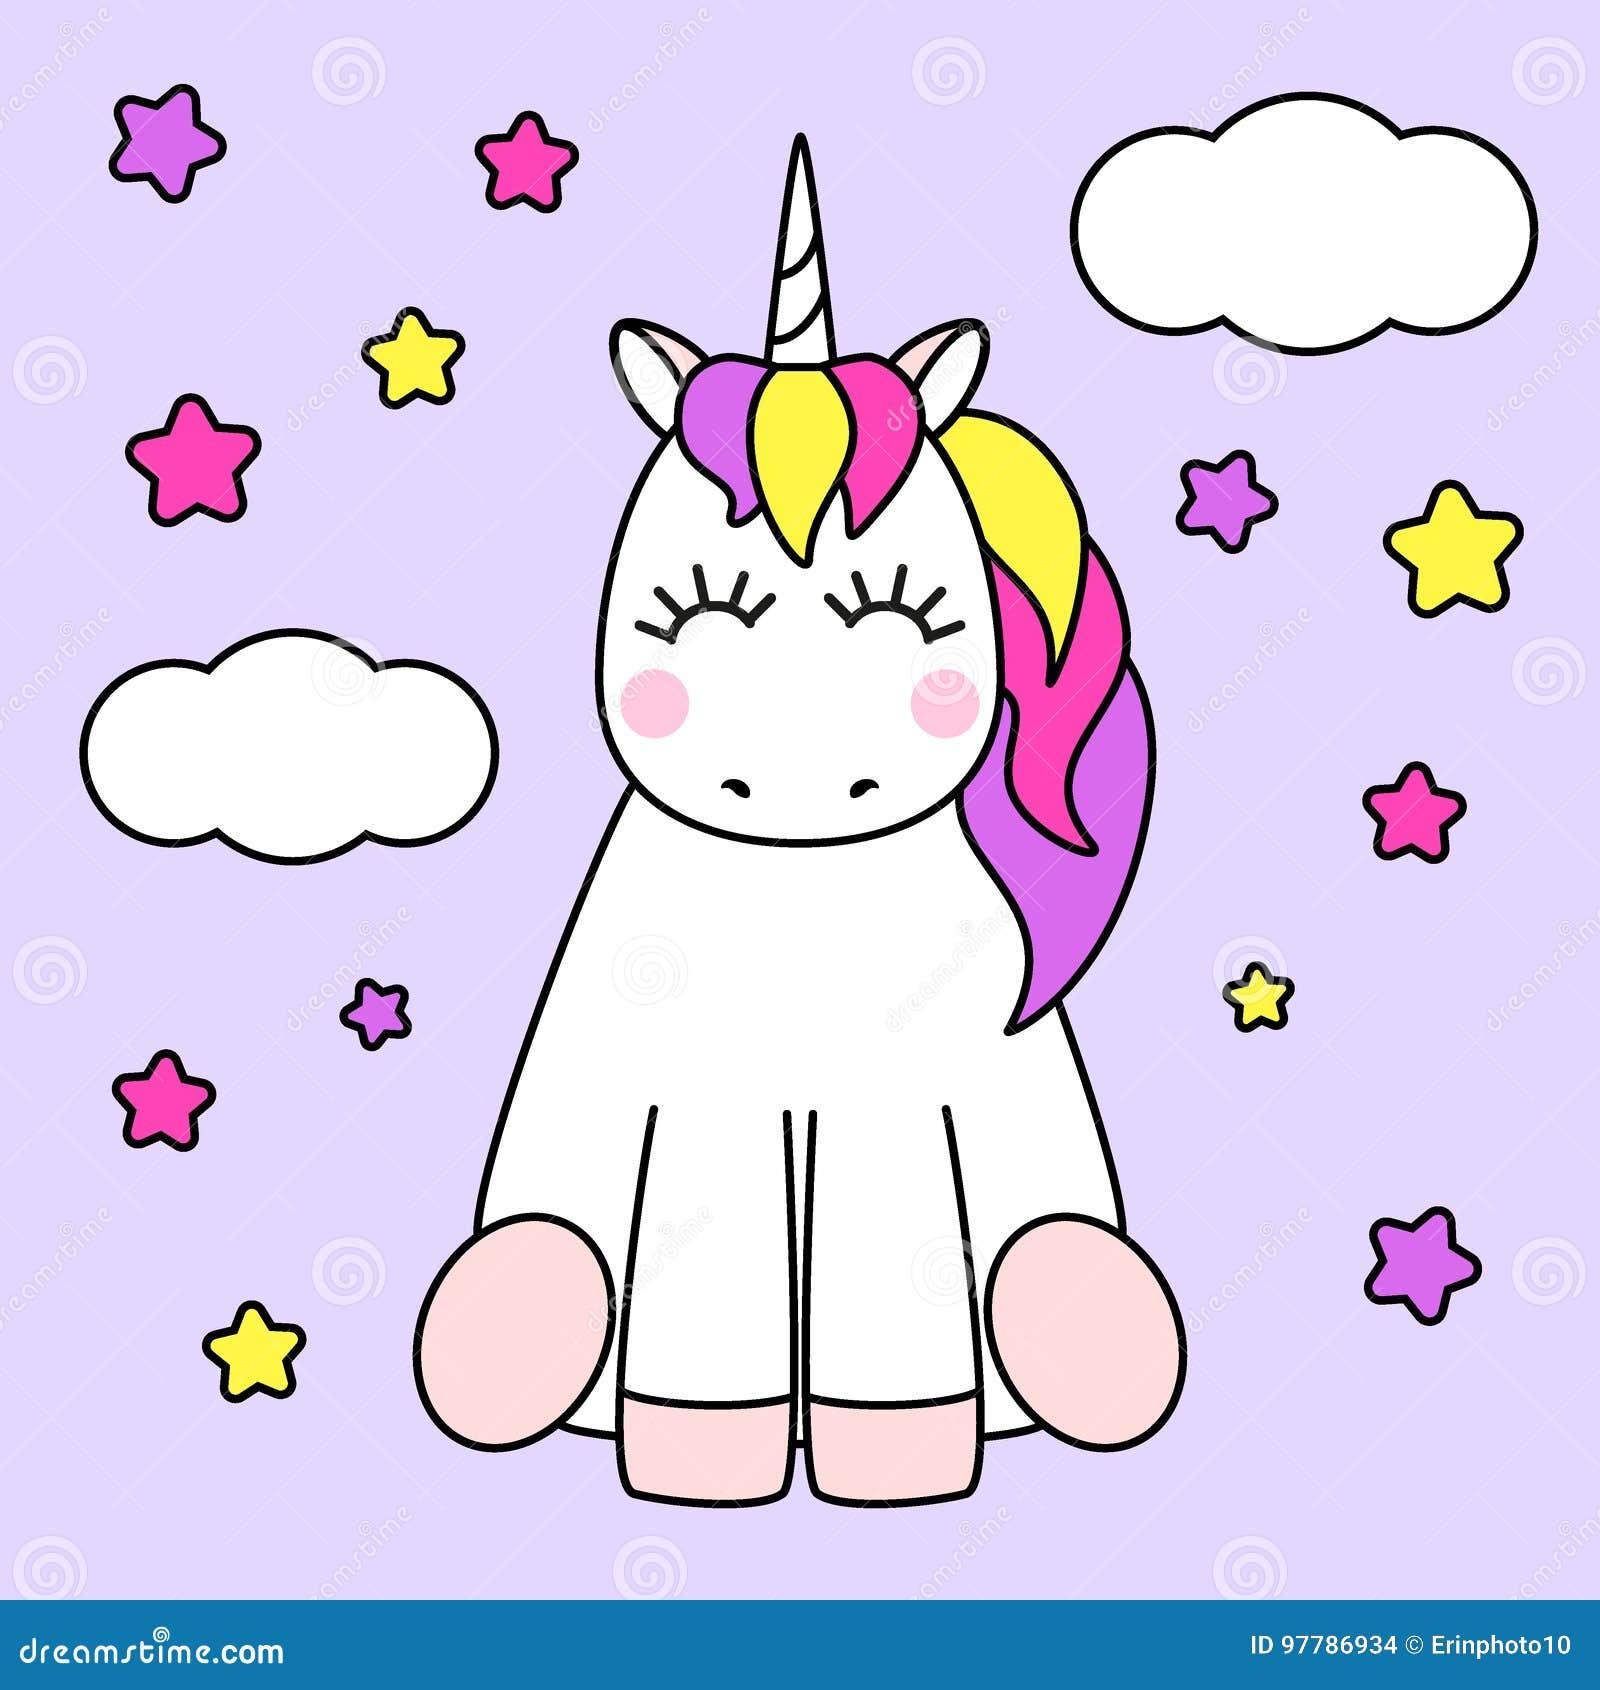 Personaje De Dibujos Animados Infantil Lindo Como Unicornio Magico